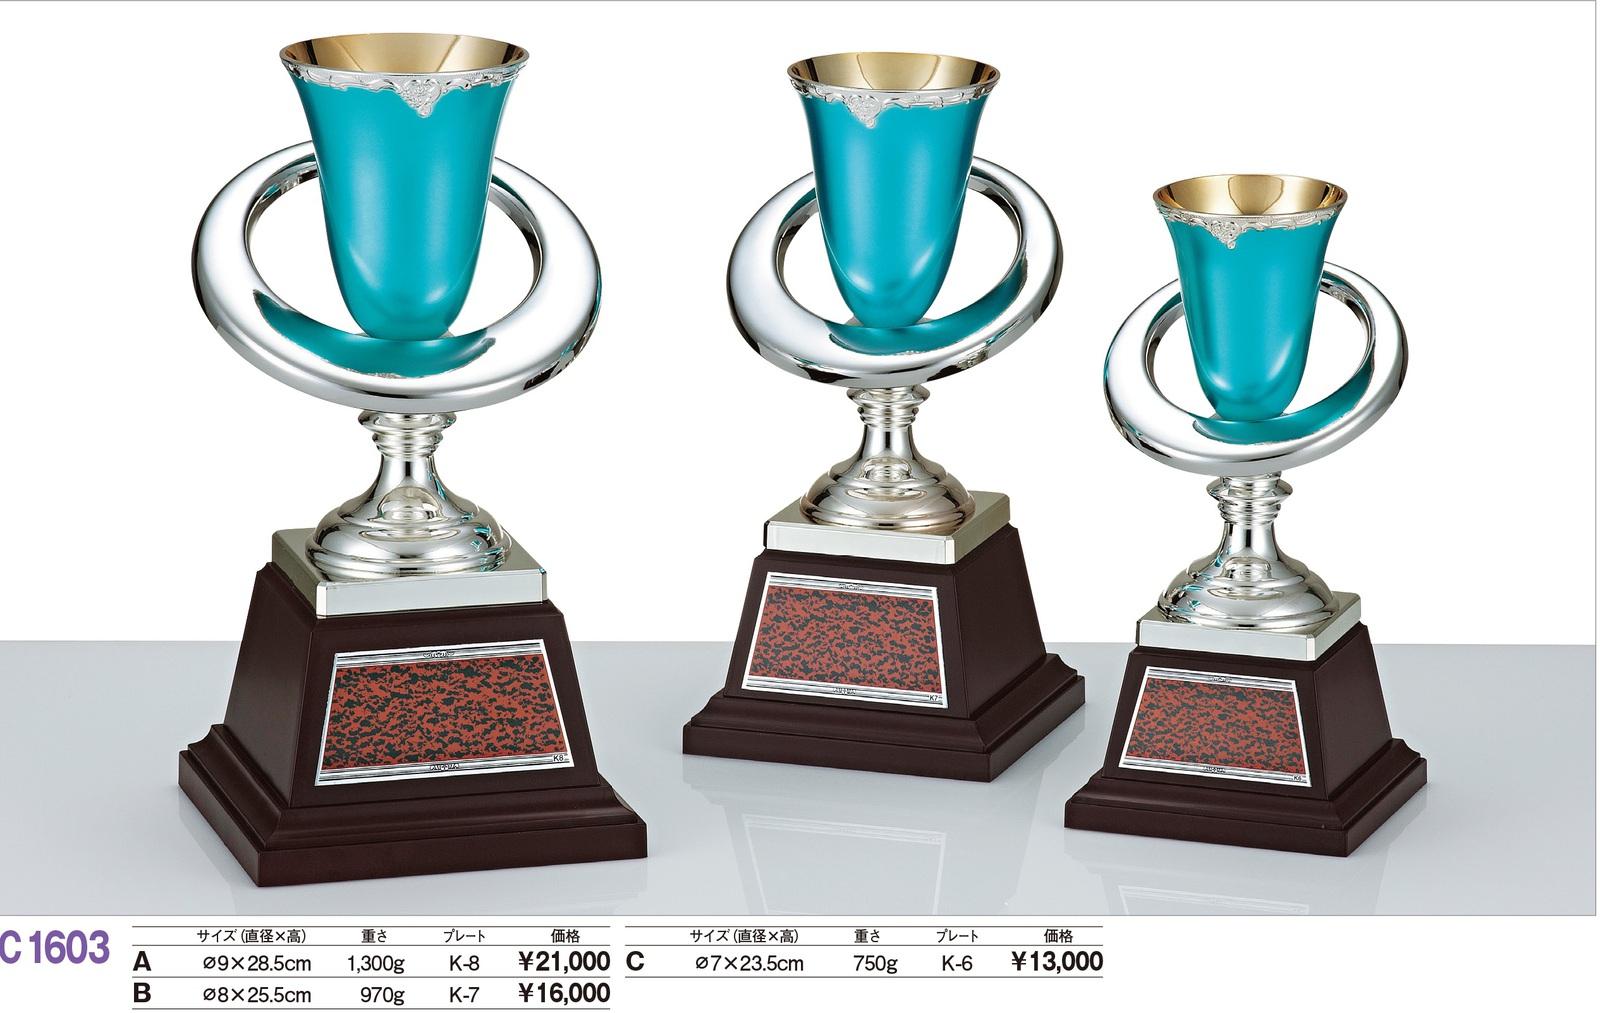 アレキサンダーカップ C1603C/K-6